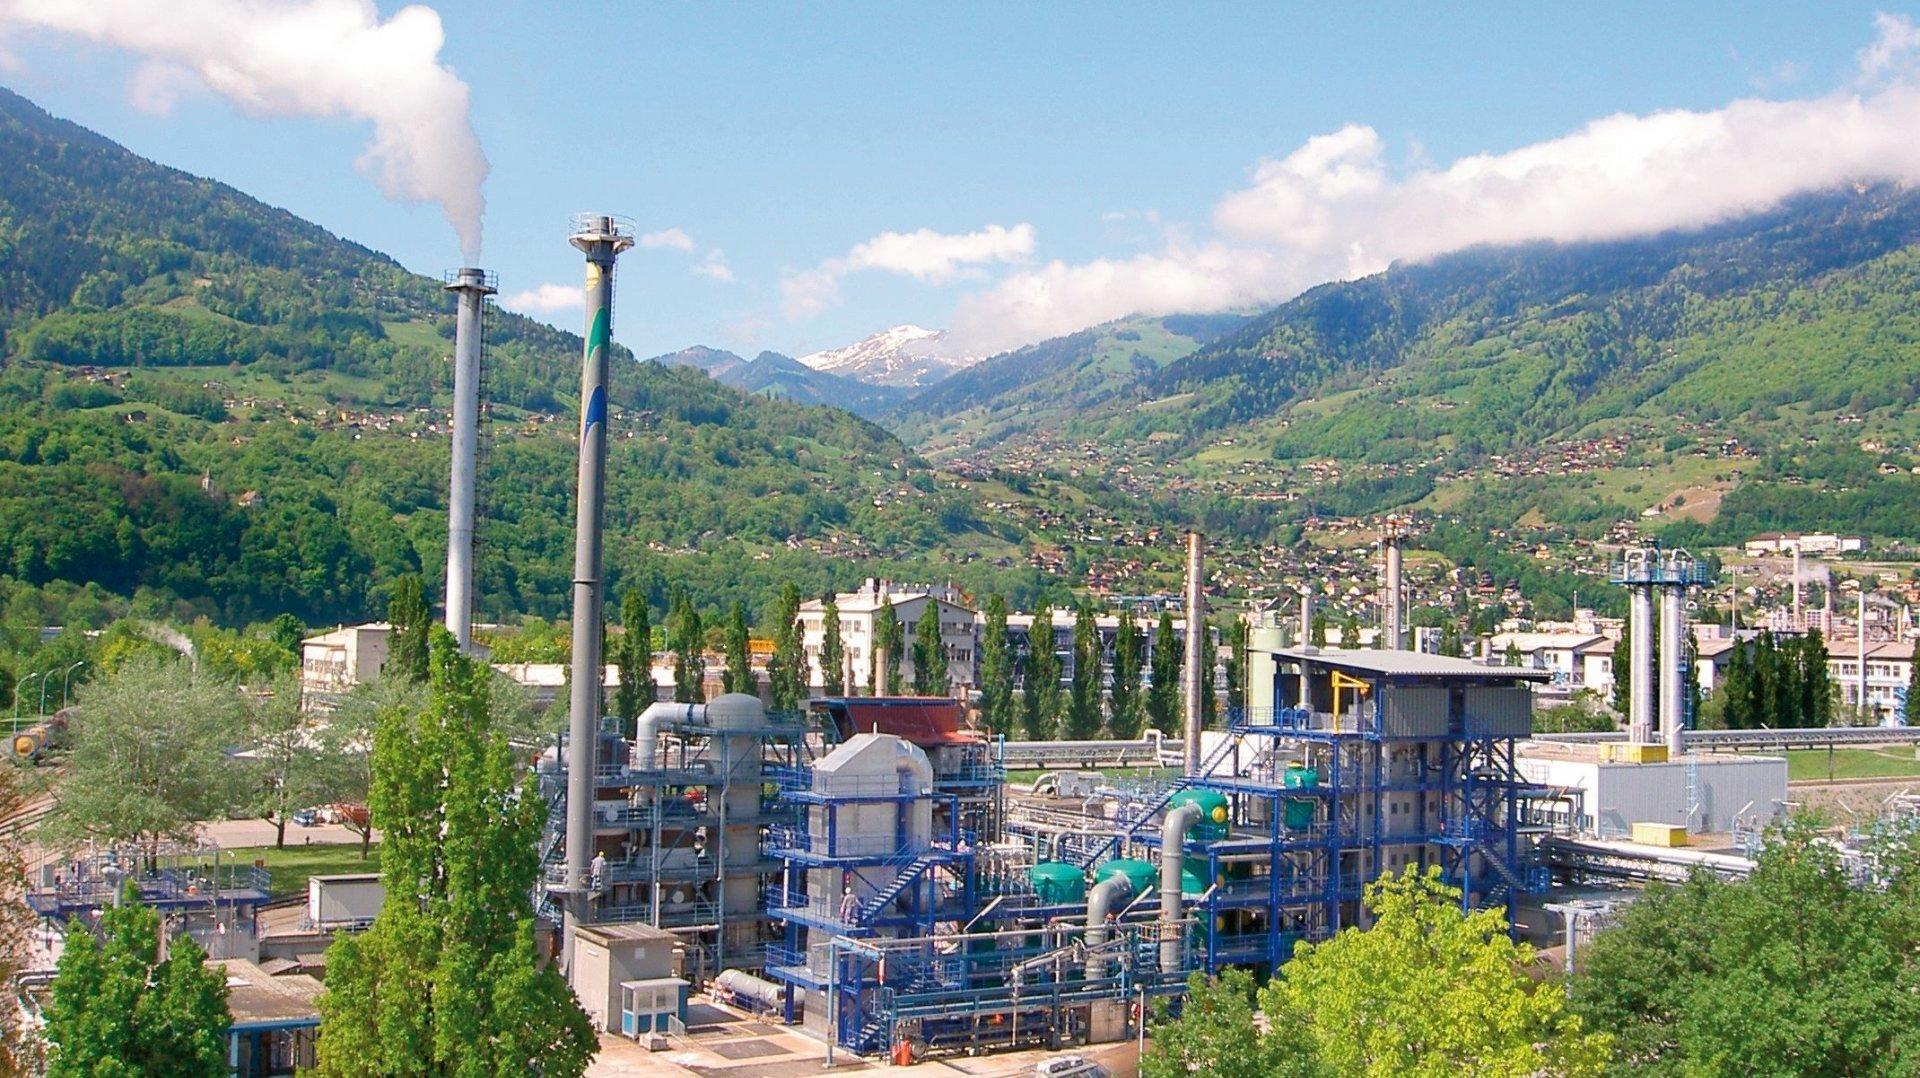 L'incinération des résidus chimiques existe depuis près de quarante ans à Monthey.